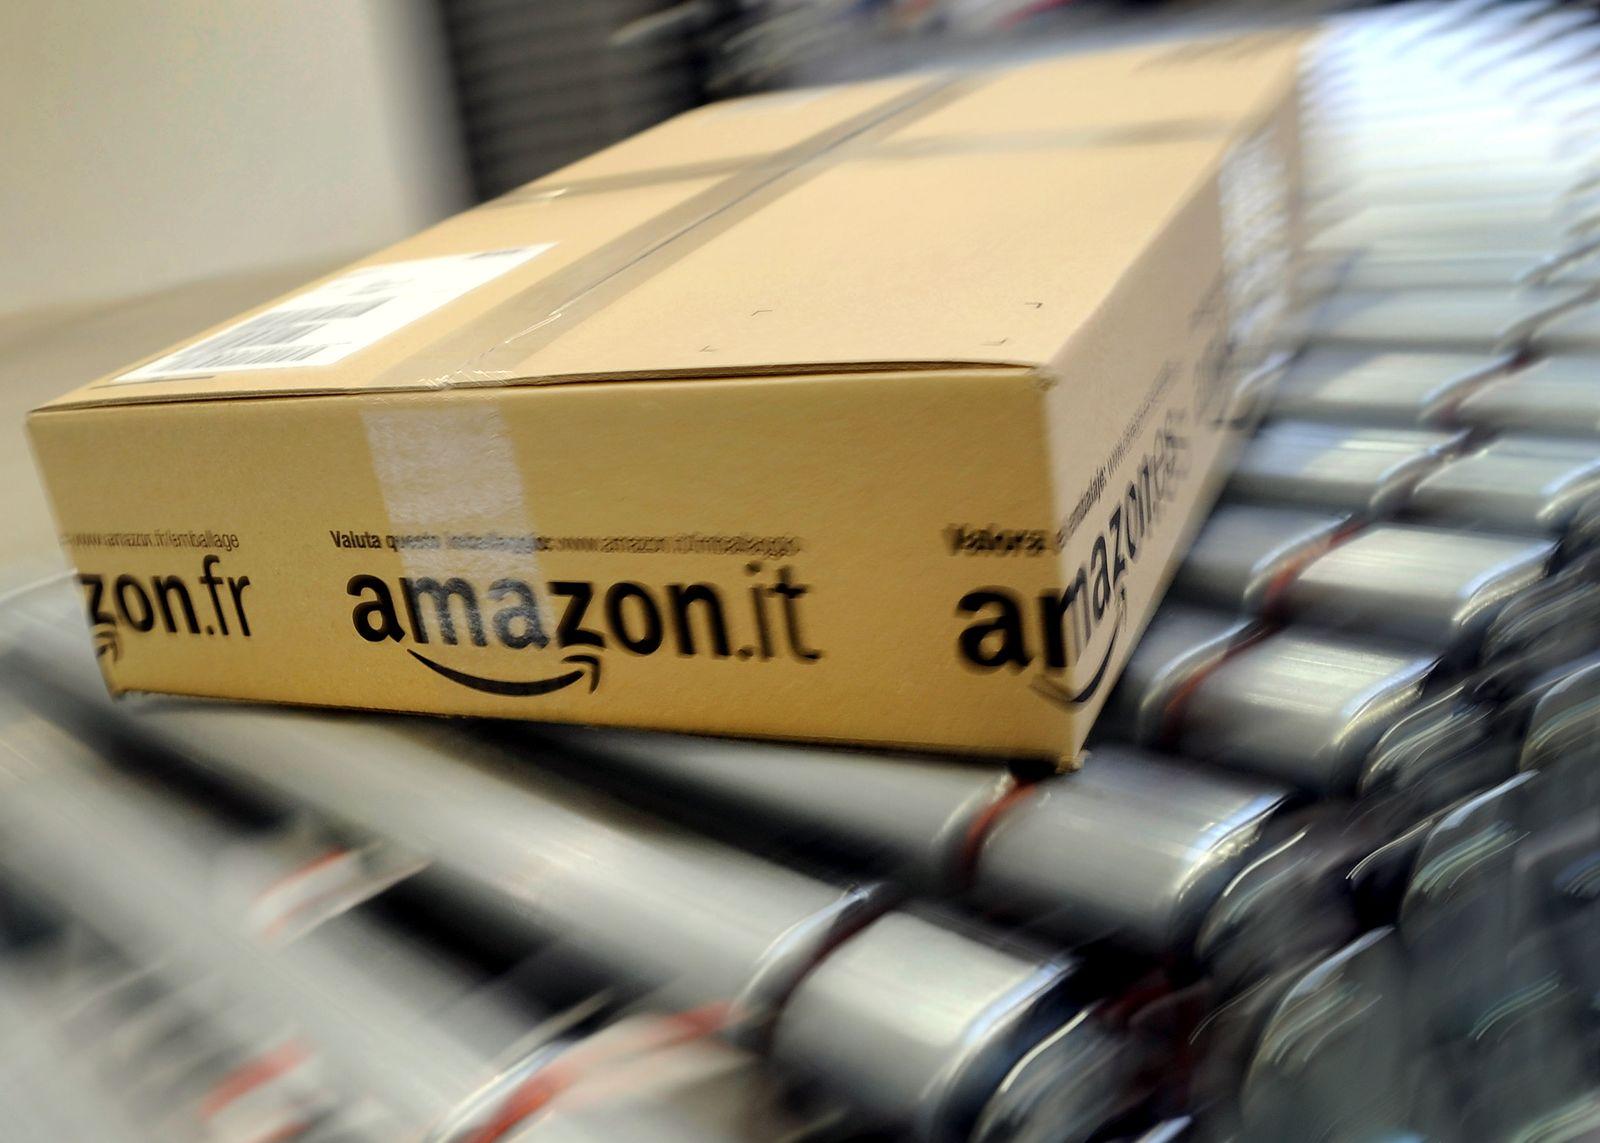 Amazon/ Paket/ Logistikzentrum